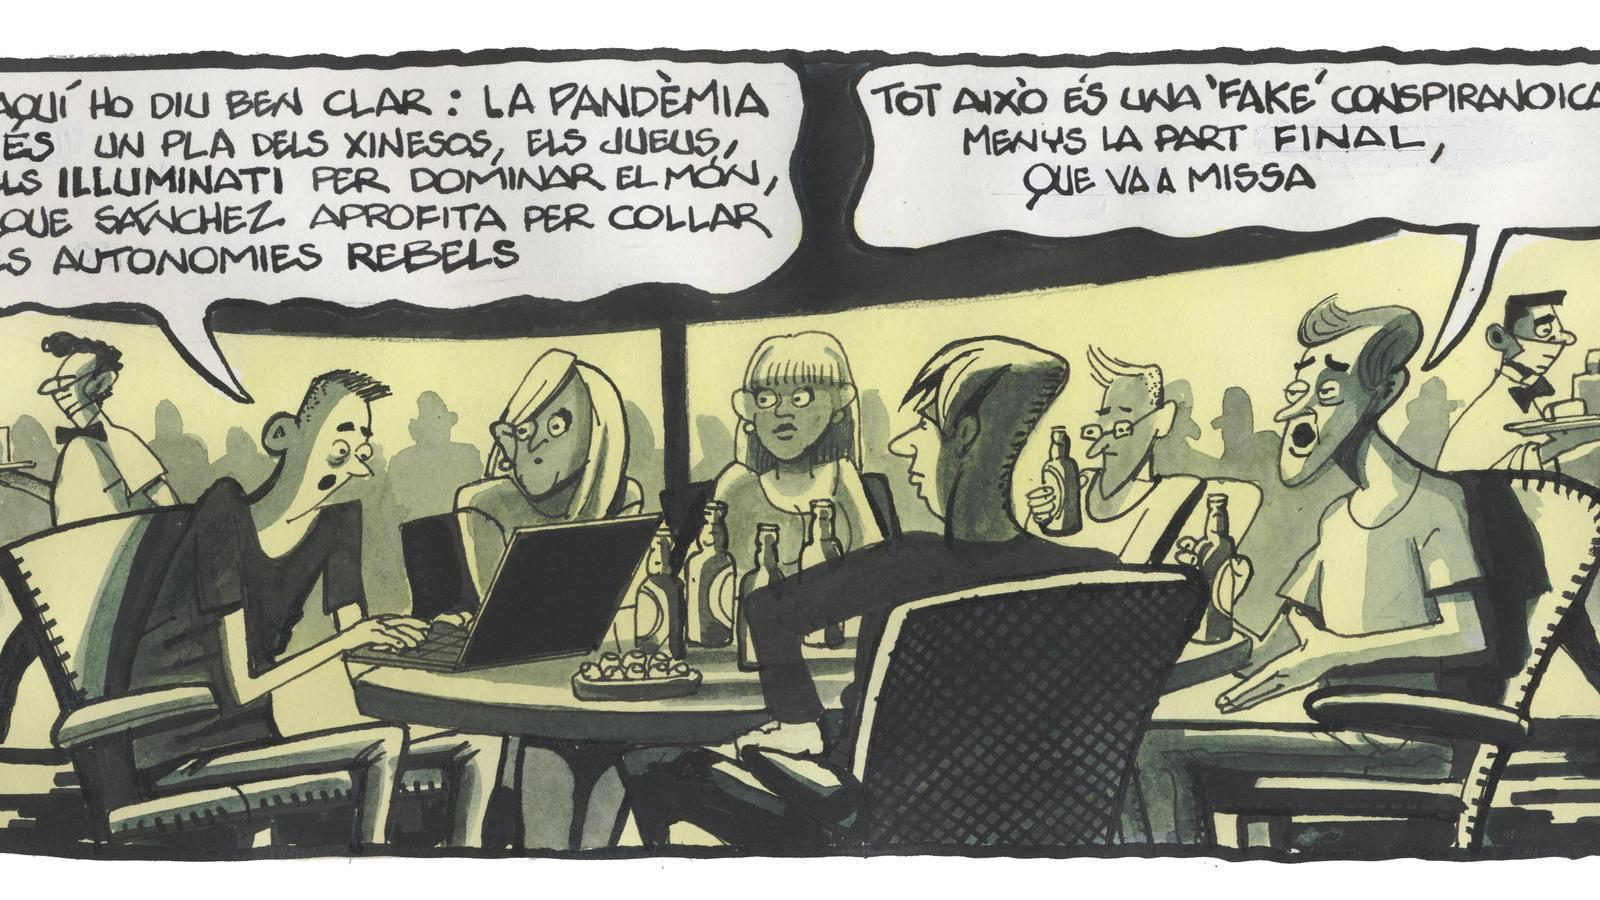 'A la contra', per Ferreres 01/06/2020